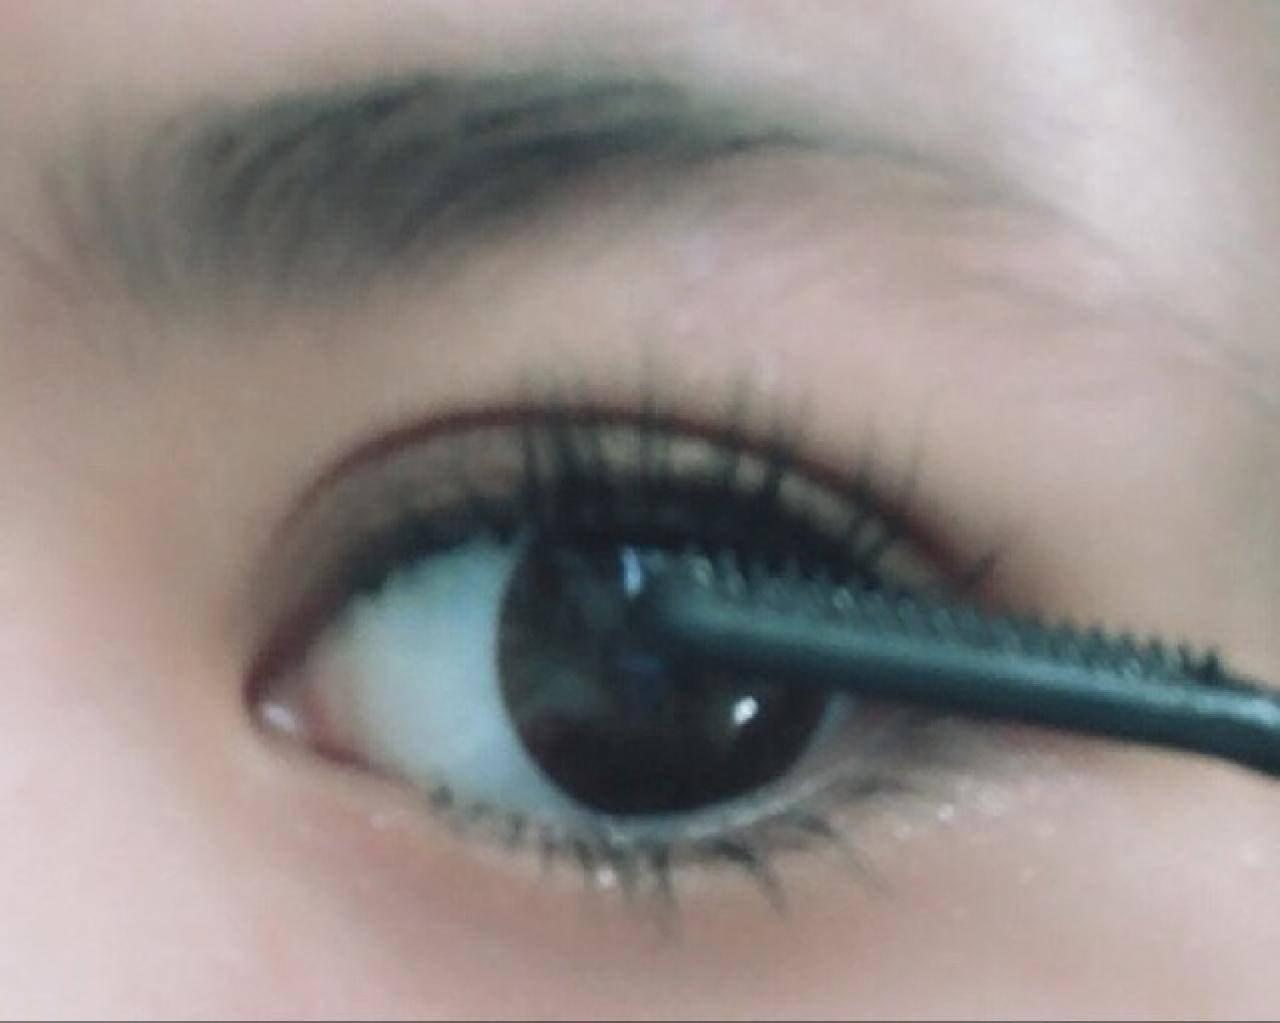 マスカラは黒目の上部分を中心に